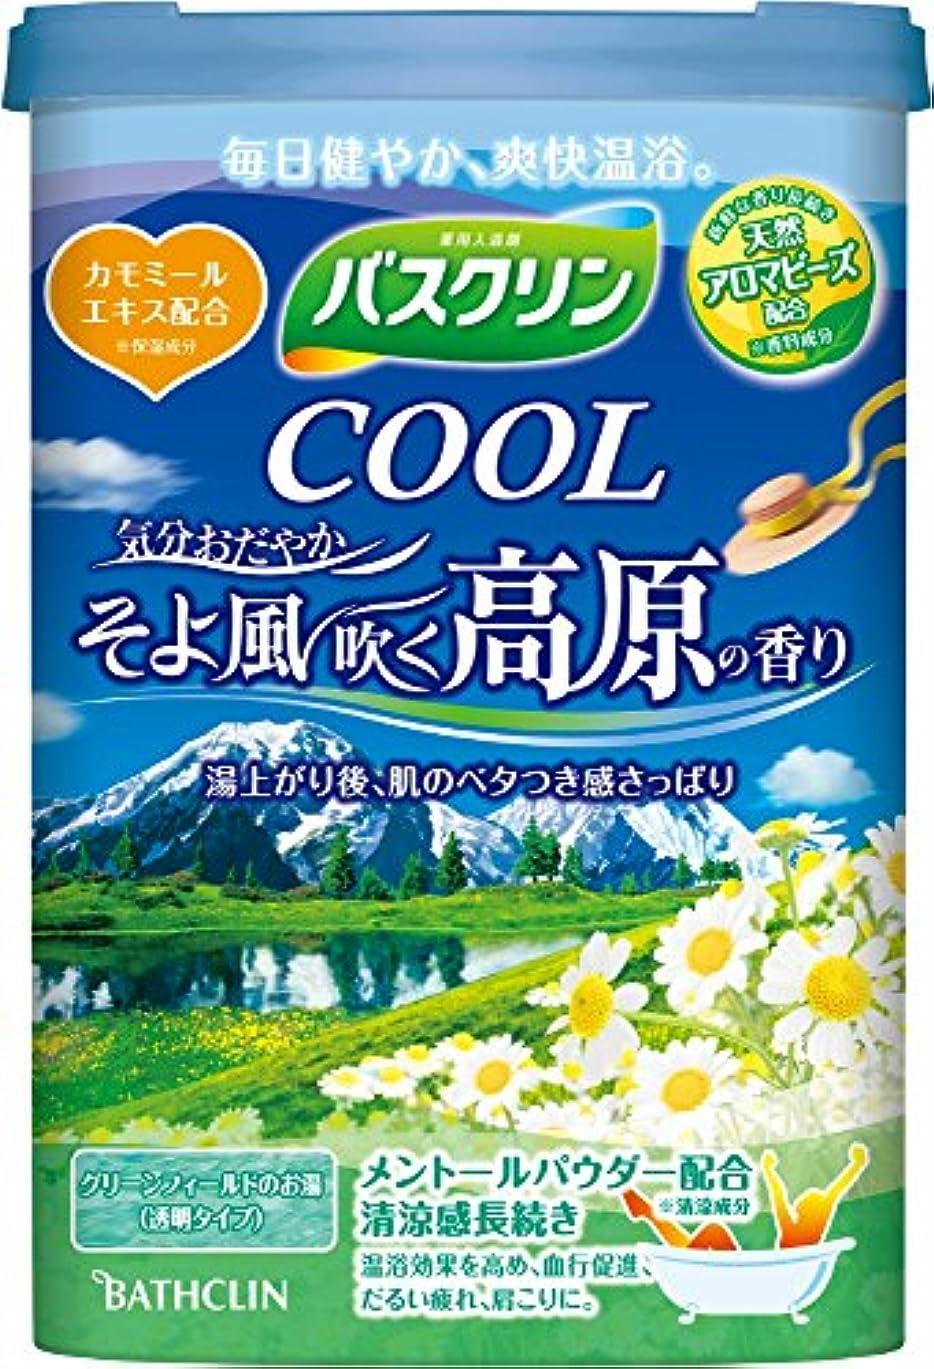 袋破滅フィードオン【医薬部外品】バスクリンクール そよ風吹く高原の香り600g入浴剤